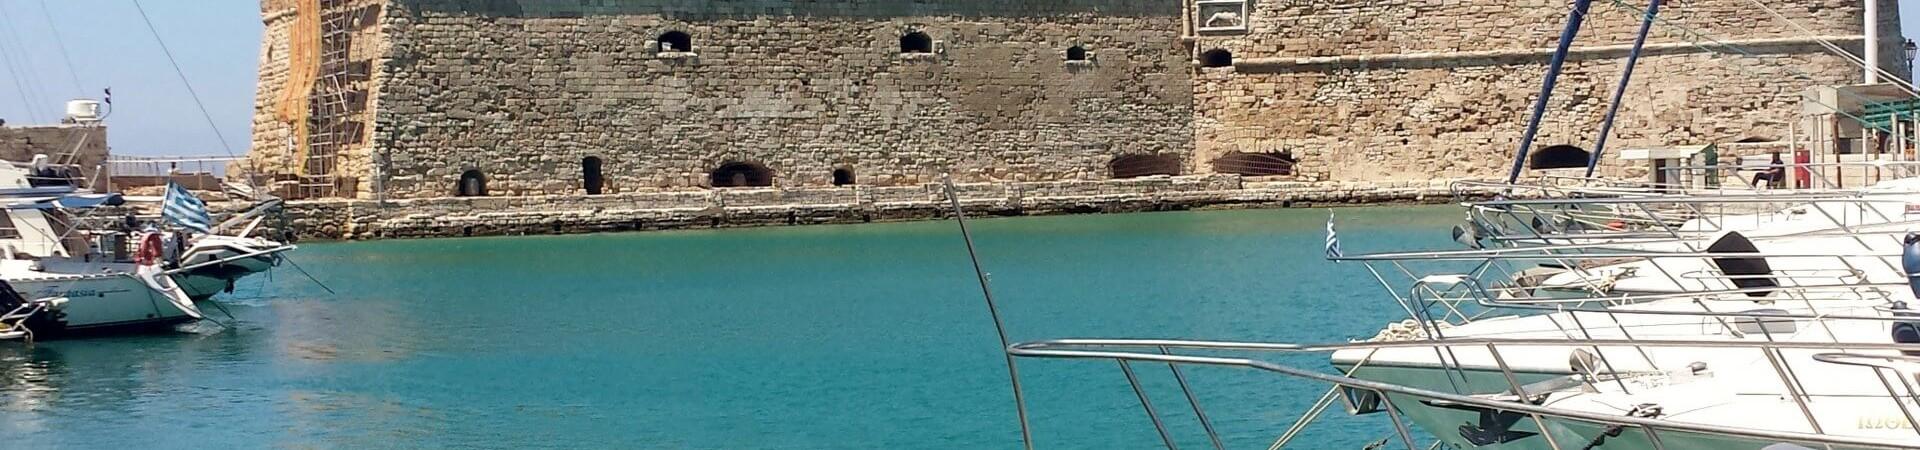 Heraklion w Grecji